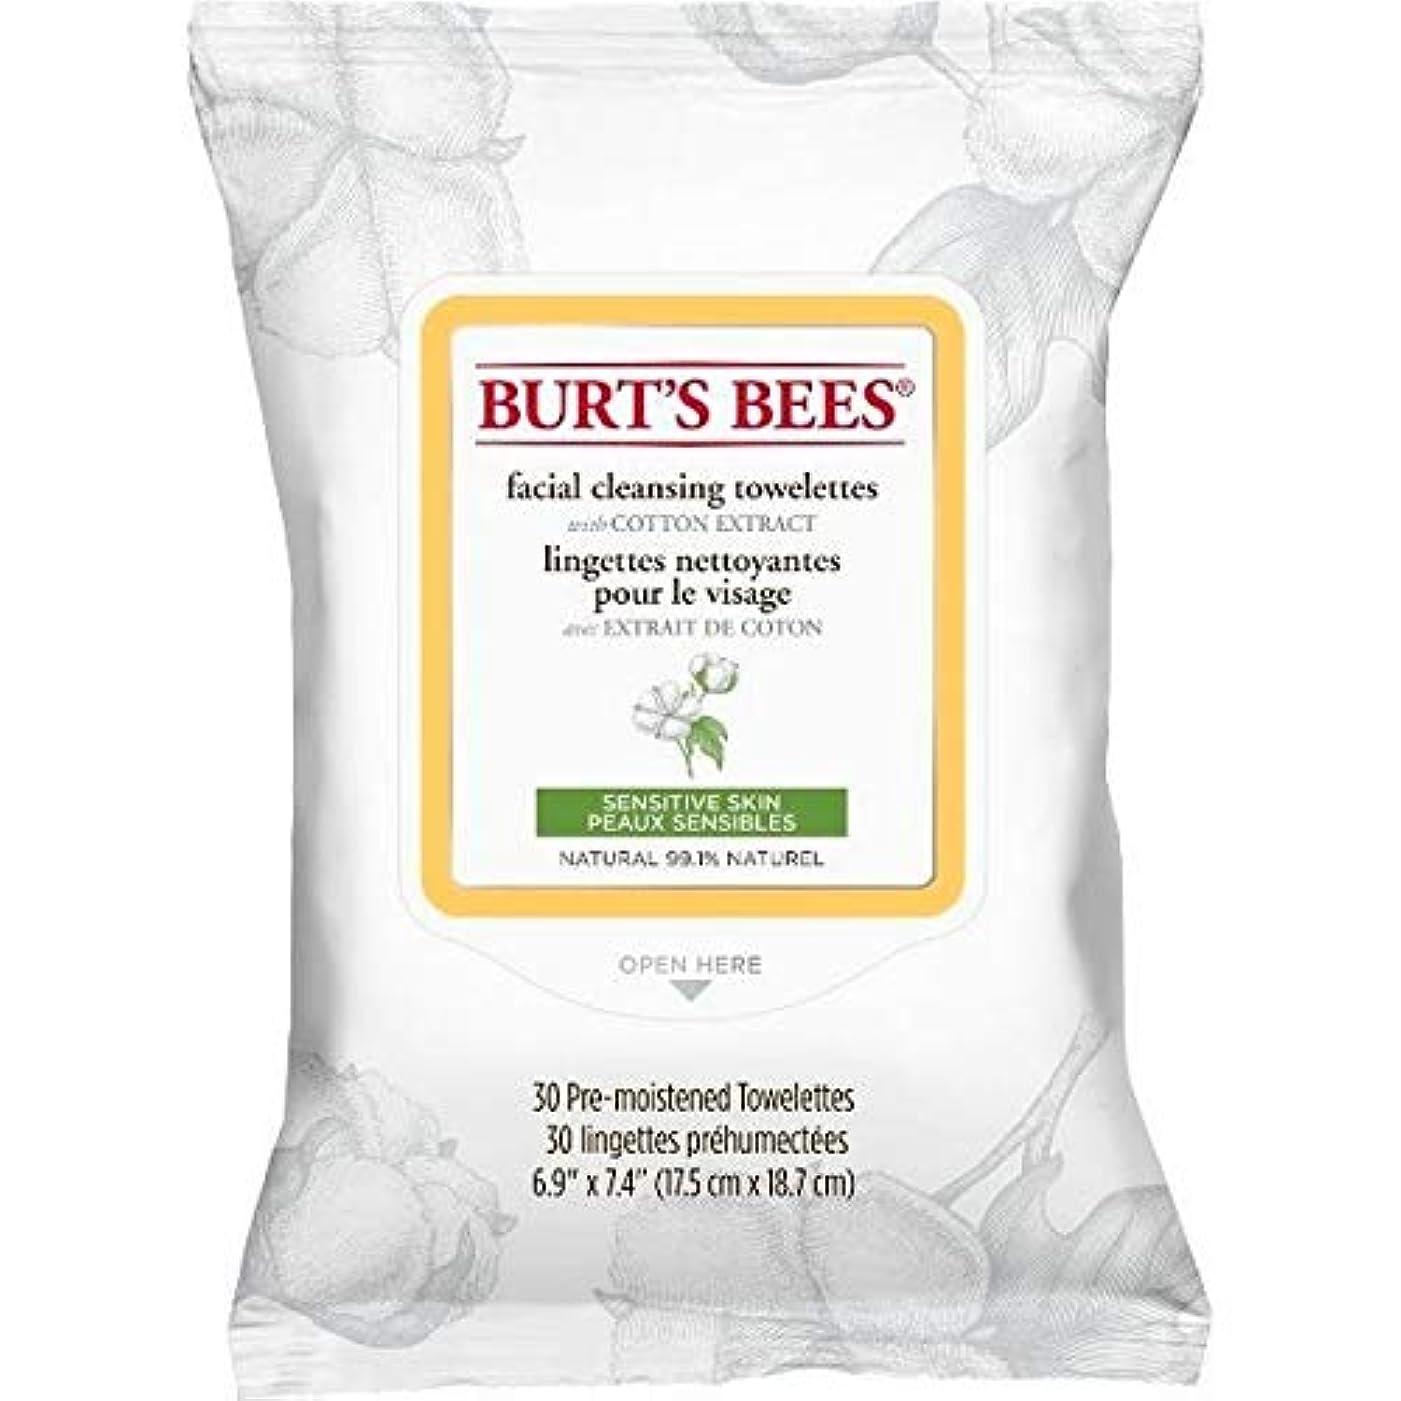 副詞偏心自分の力ですべてをする[Burt's Bees ] バーツビー敏感な顔の浄化用ペーパータオルエキスX30 - Burt's Bees Sensitive Facial Cleanse Towelettes Extract x30 [並行輸入品]